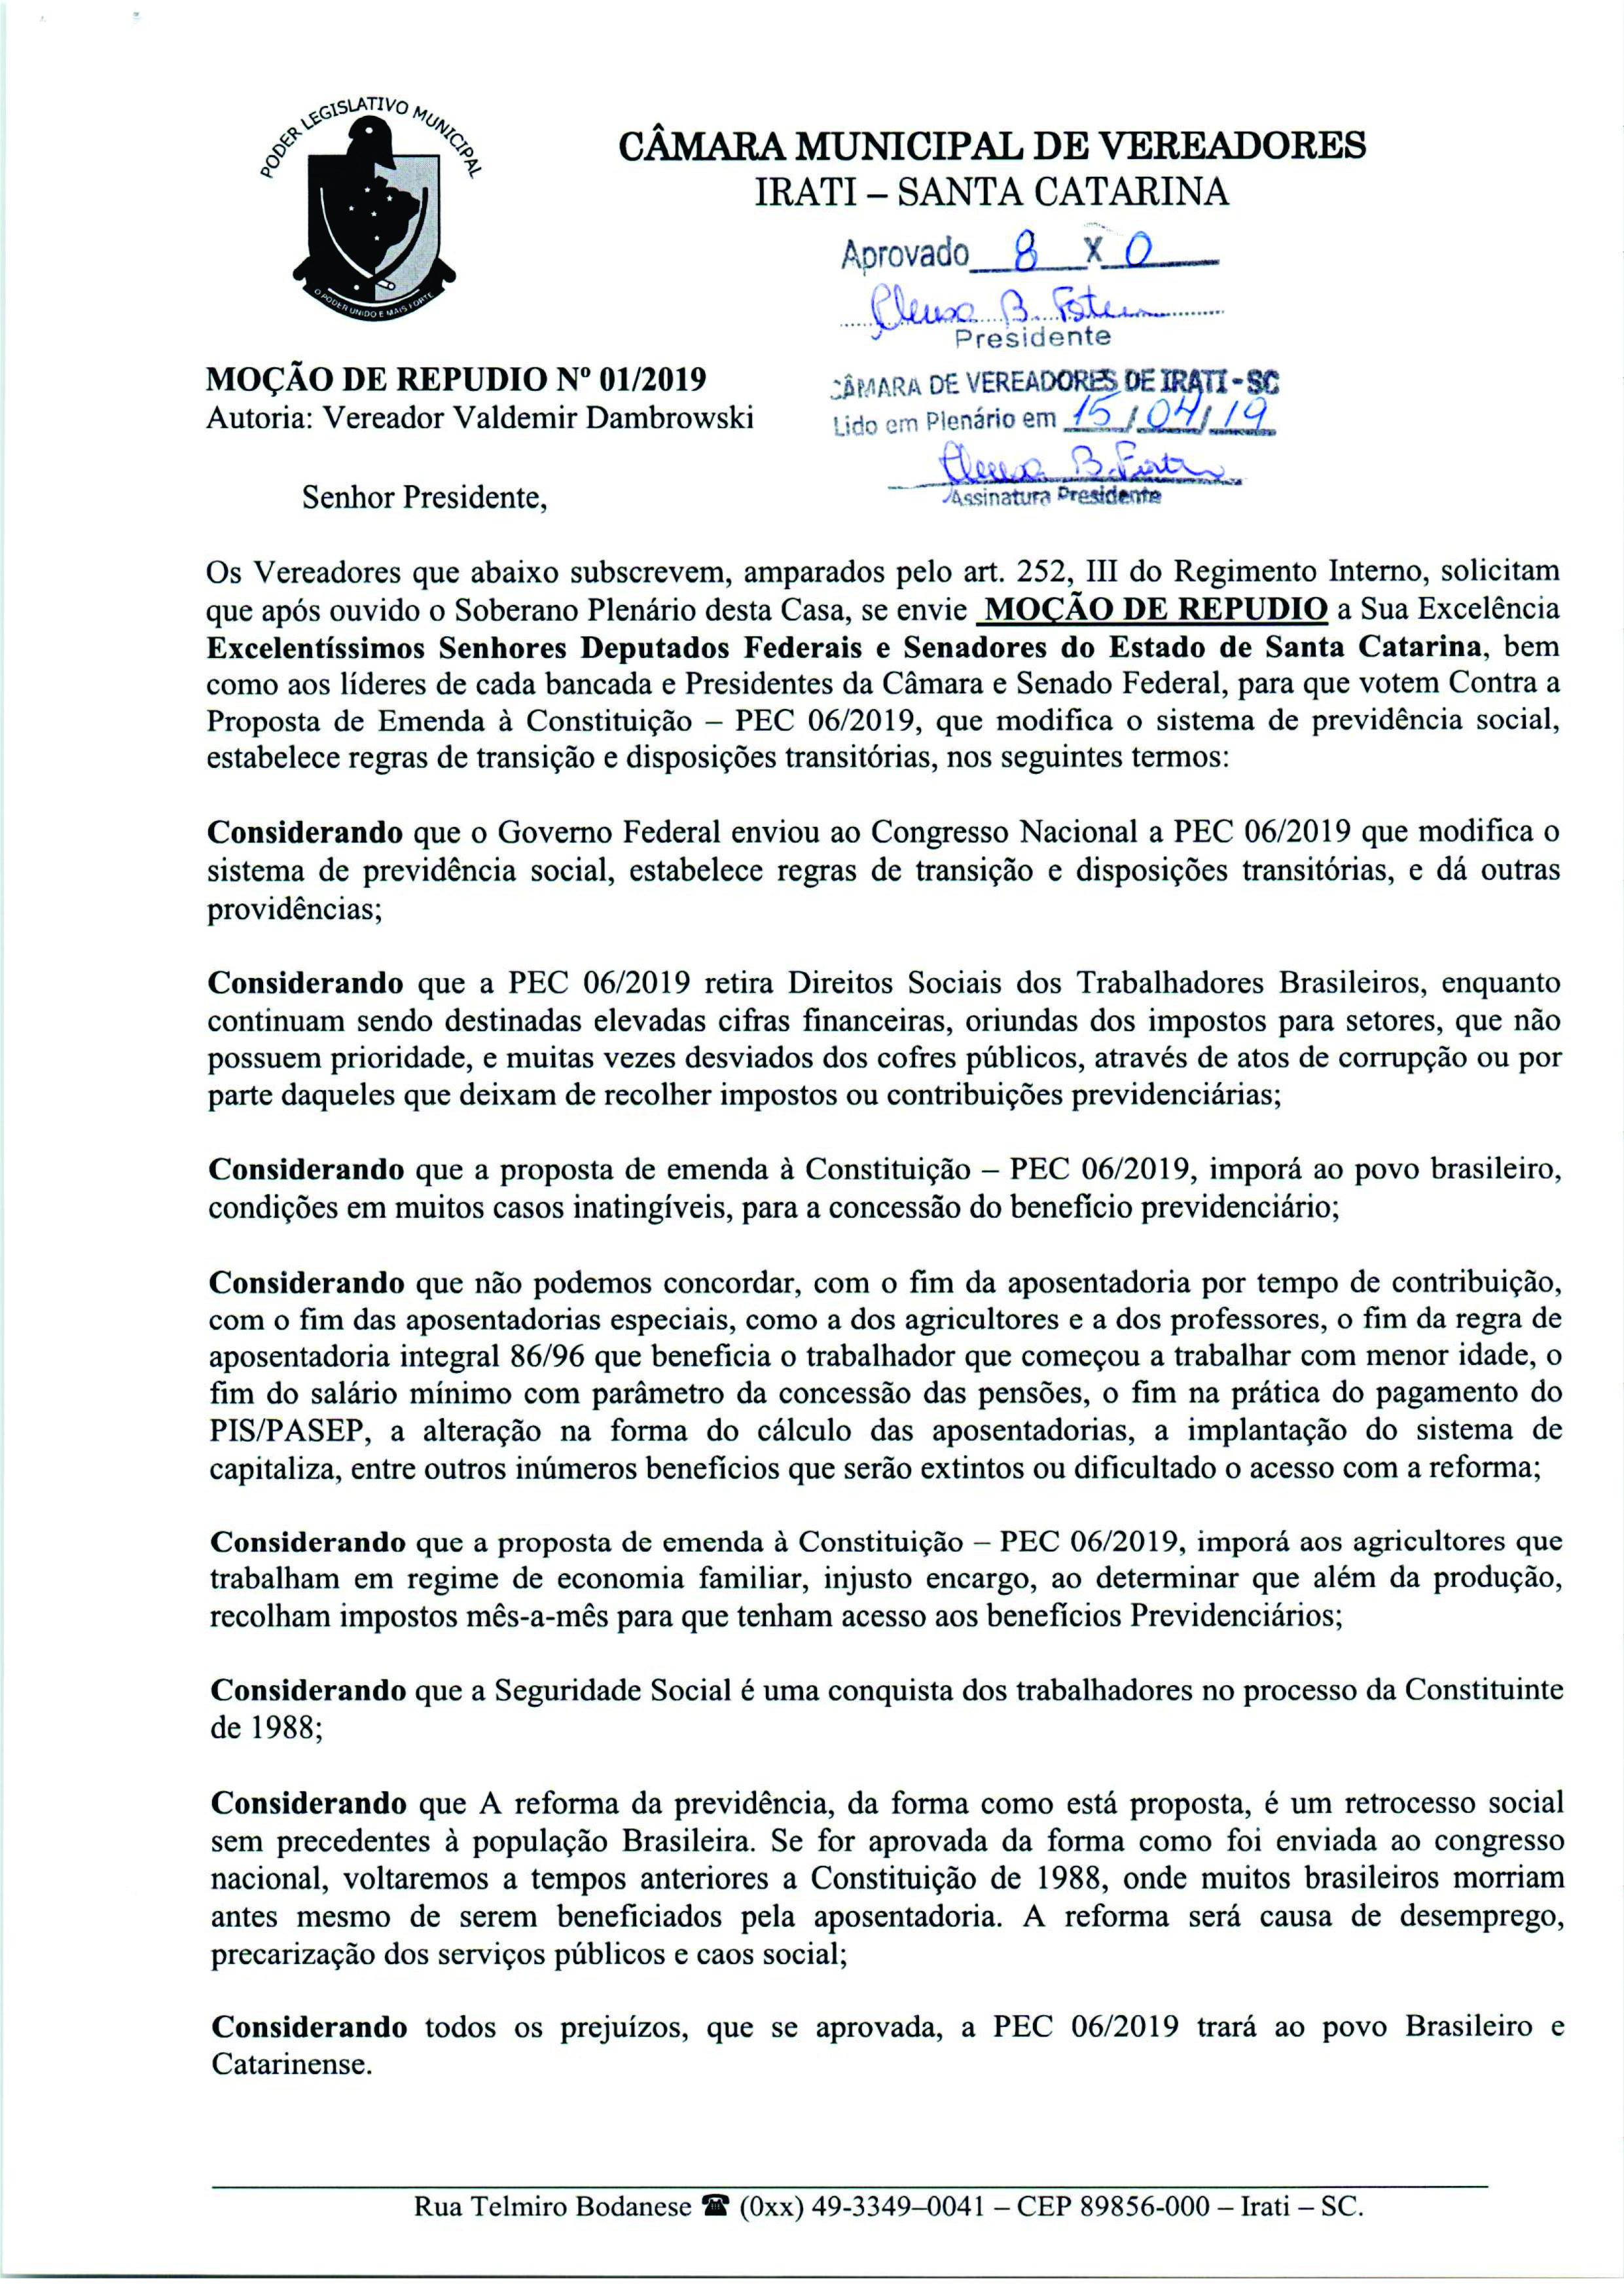 Câmara de Vereadores de Irati aprova Moção de Repúdio contra a Reforma da Previdência